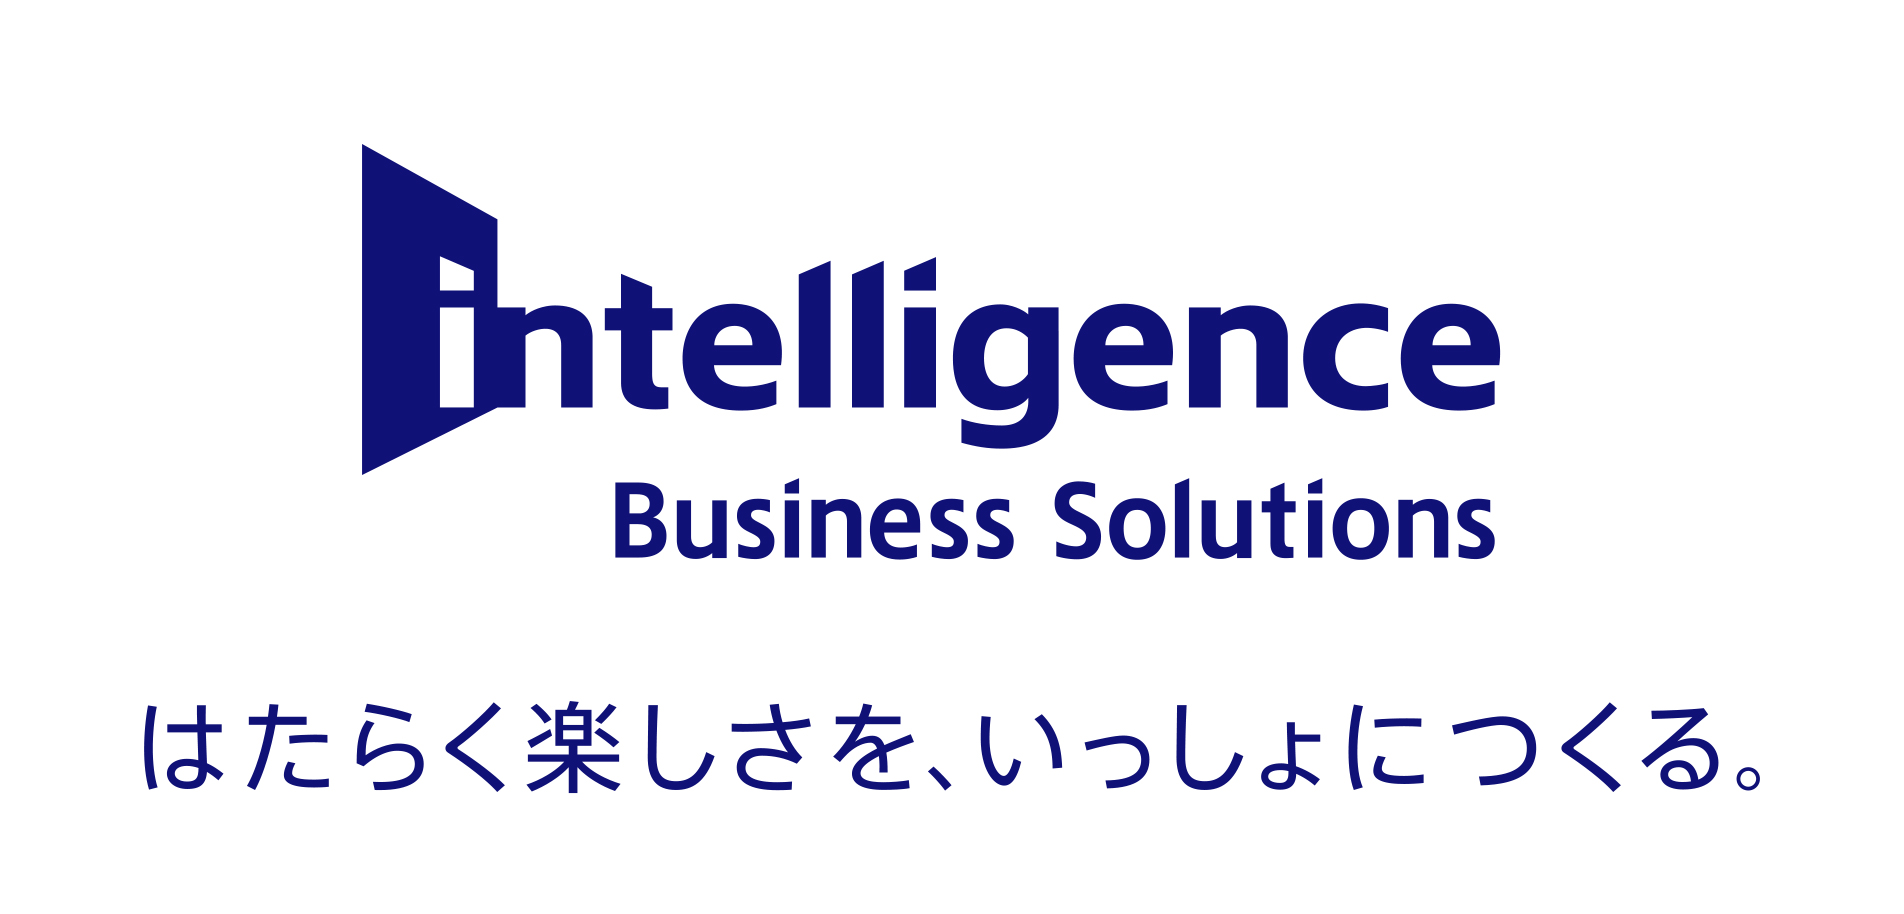 株式会社IBS Global Bridge (株式会社インテリジェンスのグローバルIT戦略子会社)